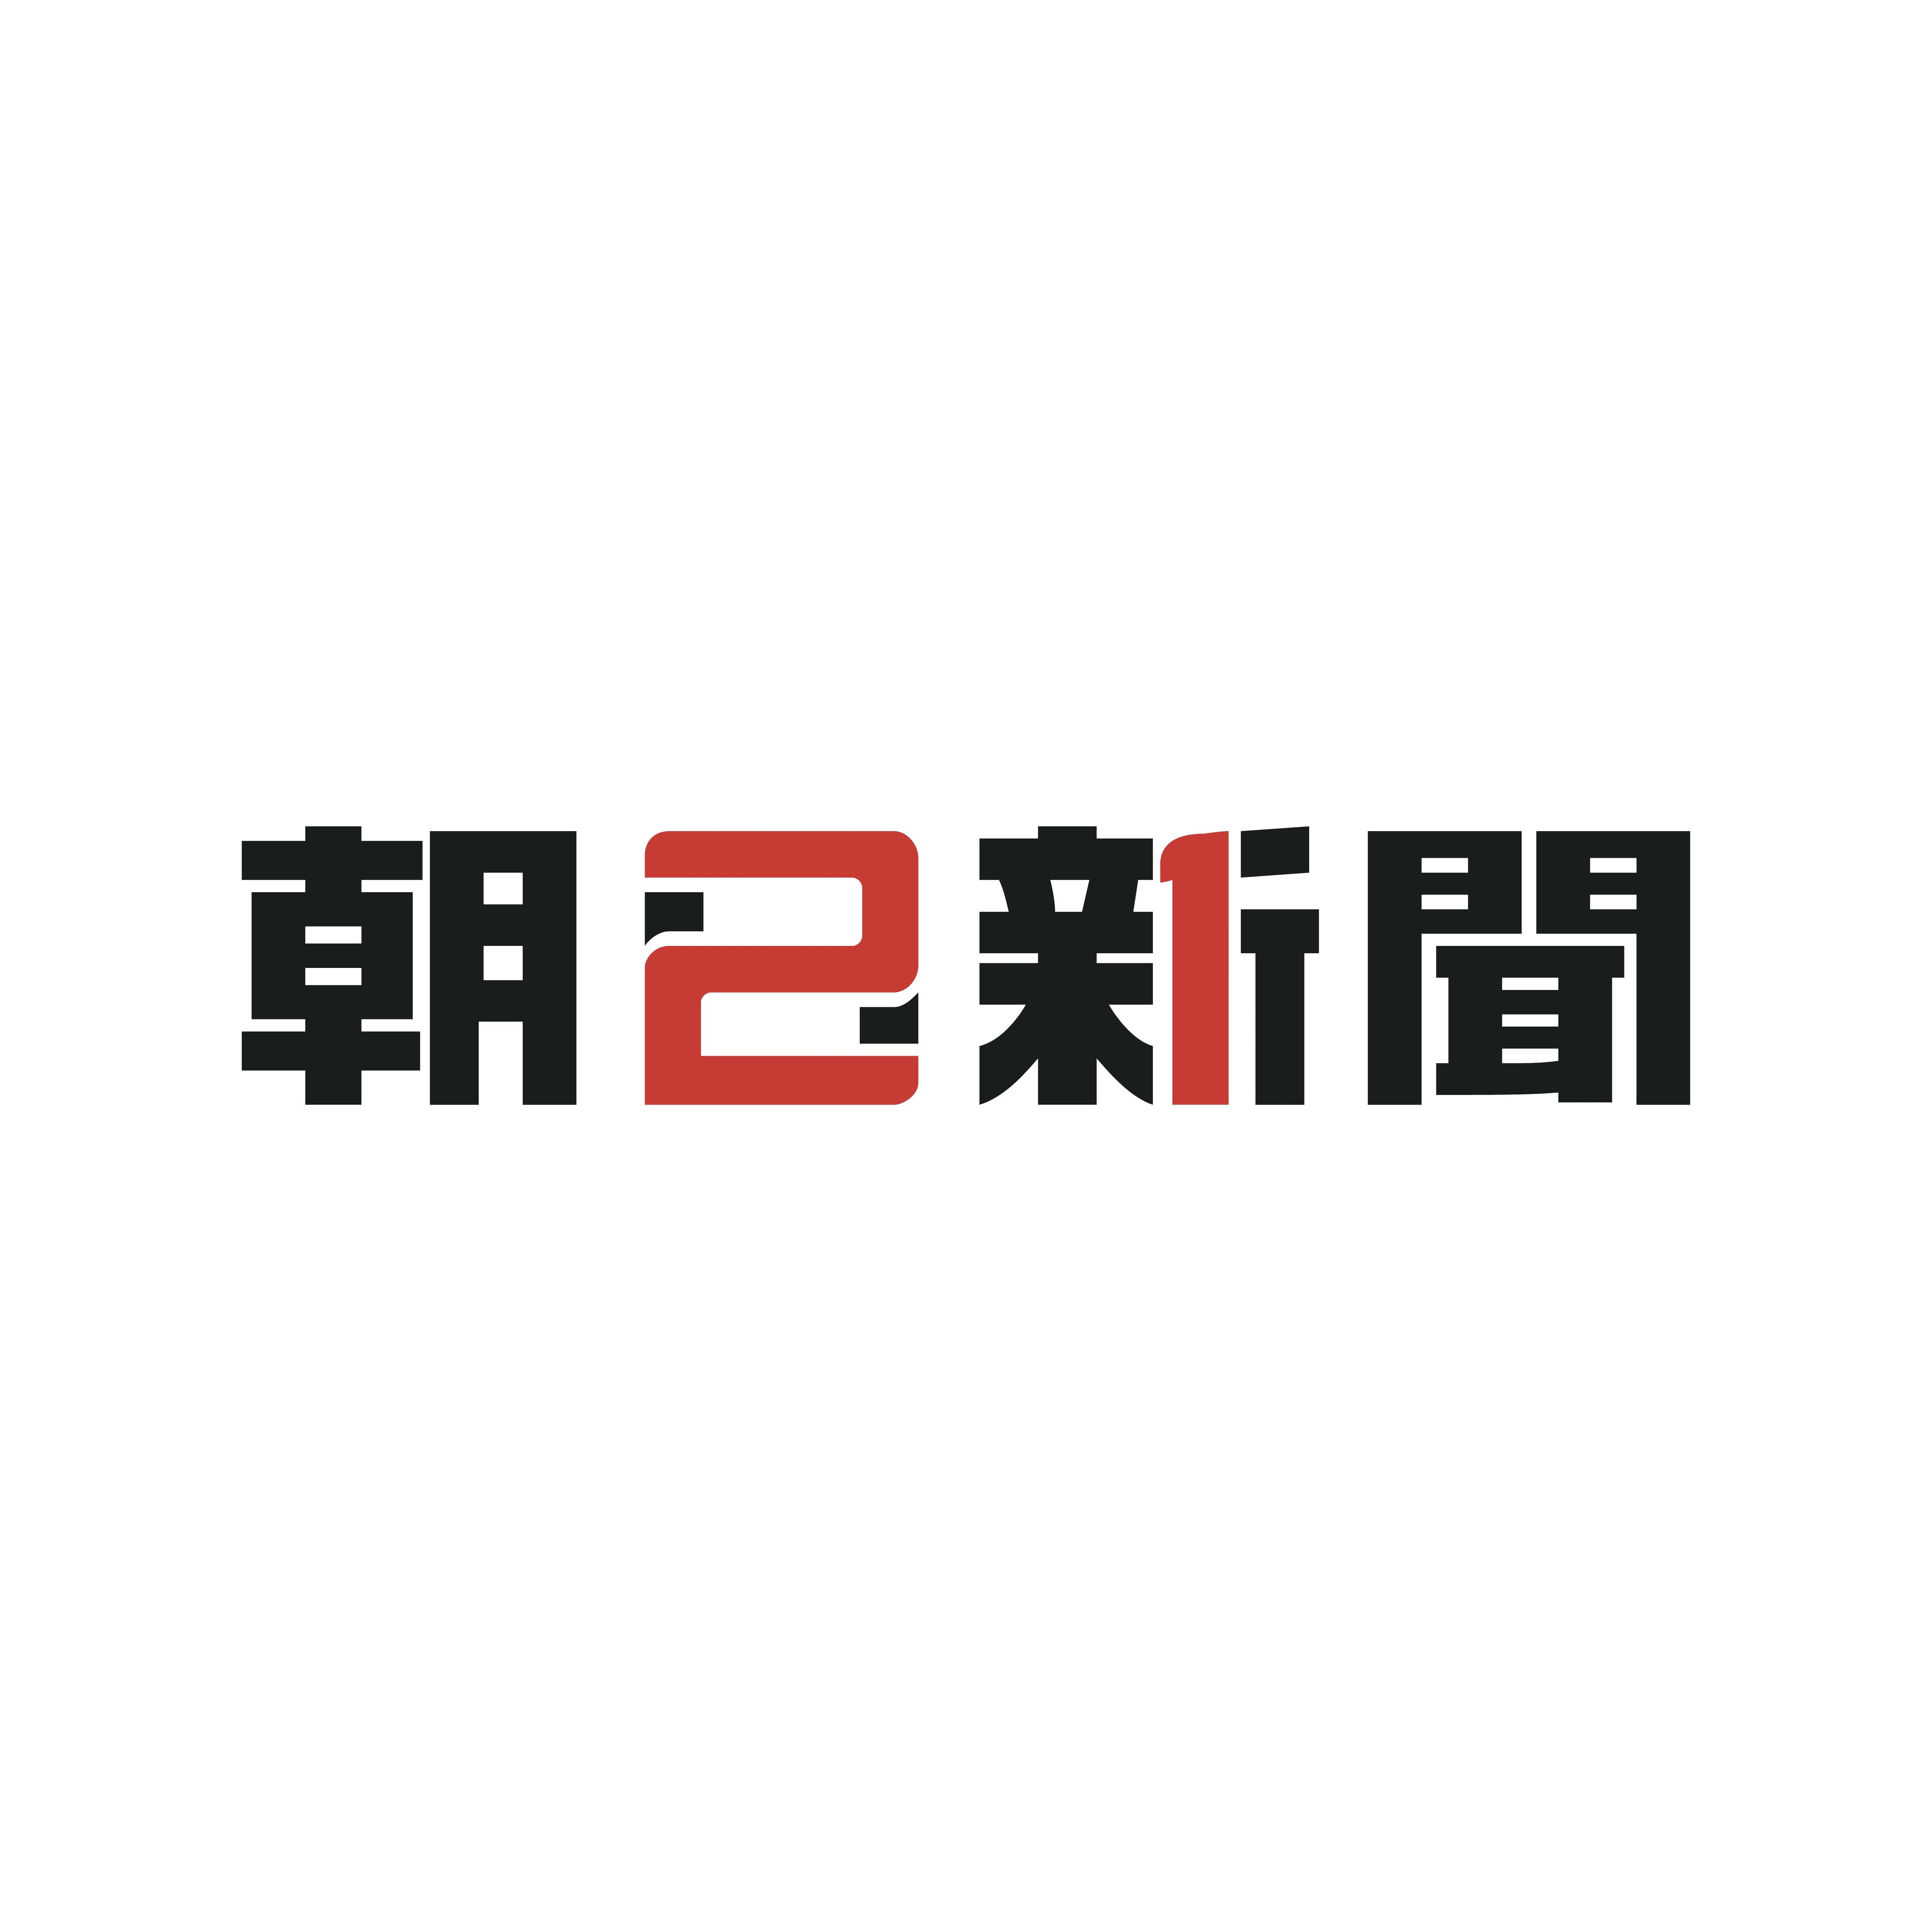 Asahi Shimbun – Logos Download - photo#16